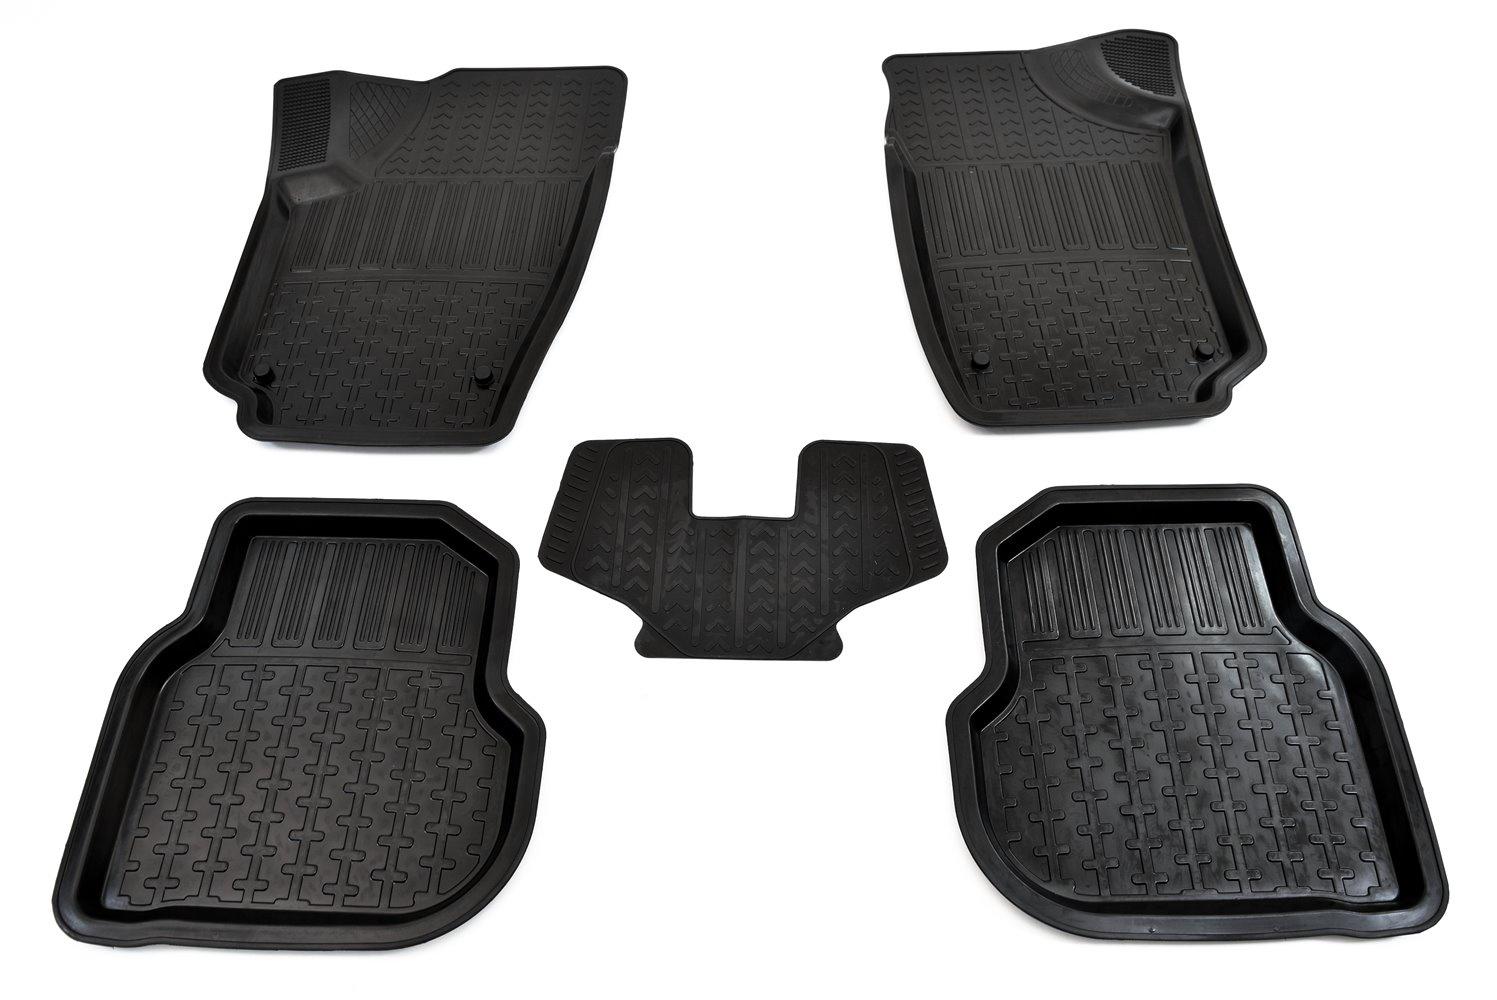 Фото - Коврики в салон автомобиля Avtodriver, для Volkswagen Polo, 2009-, ADRPRO011, резиновые, с бортиком, черный одежда для гольфа polo 2014